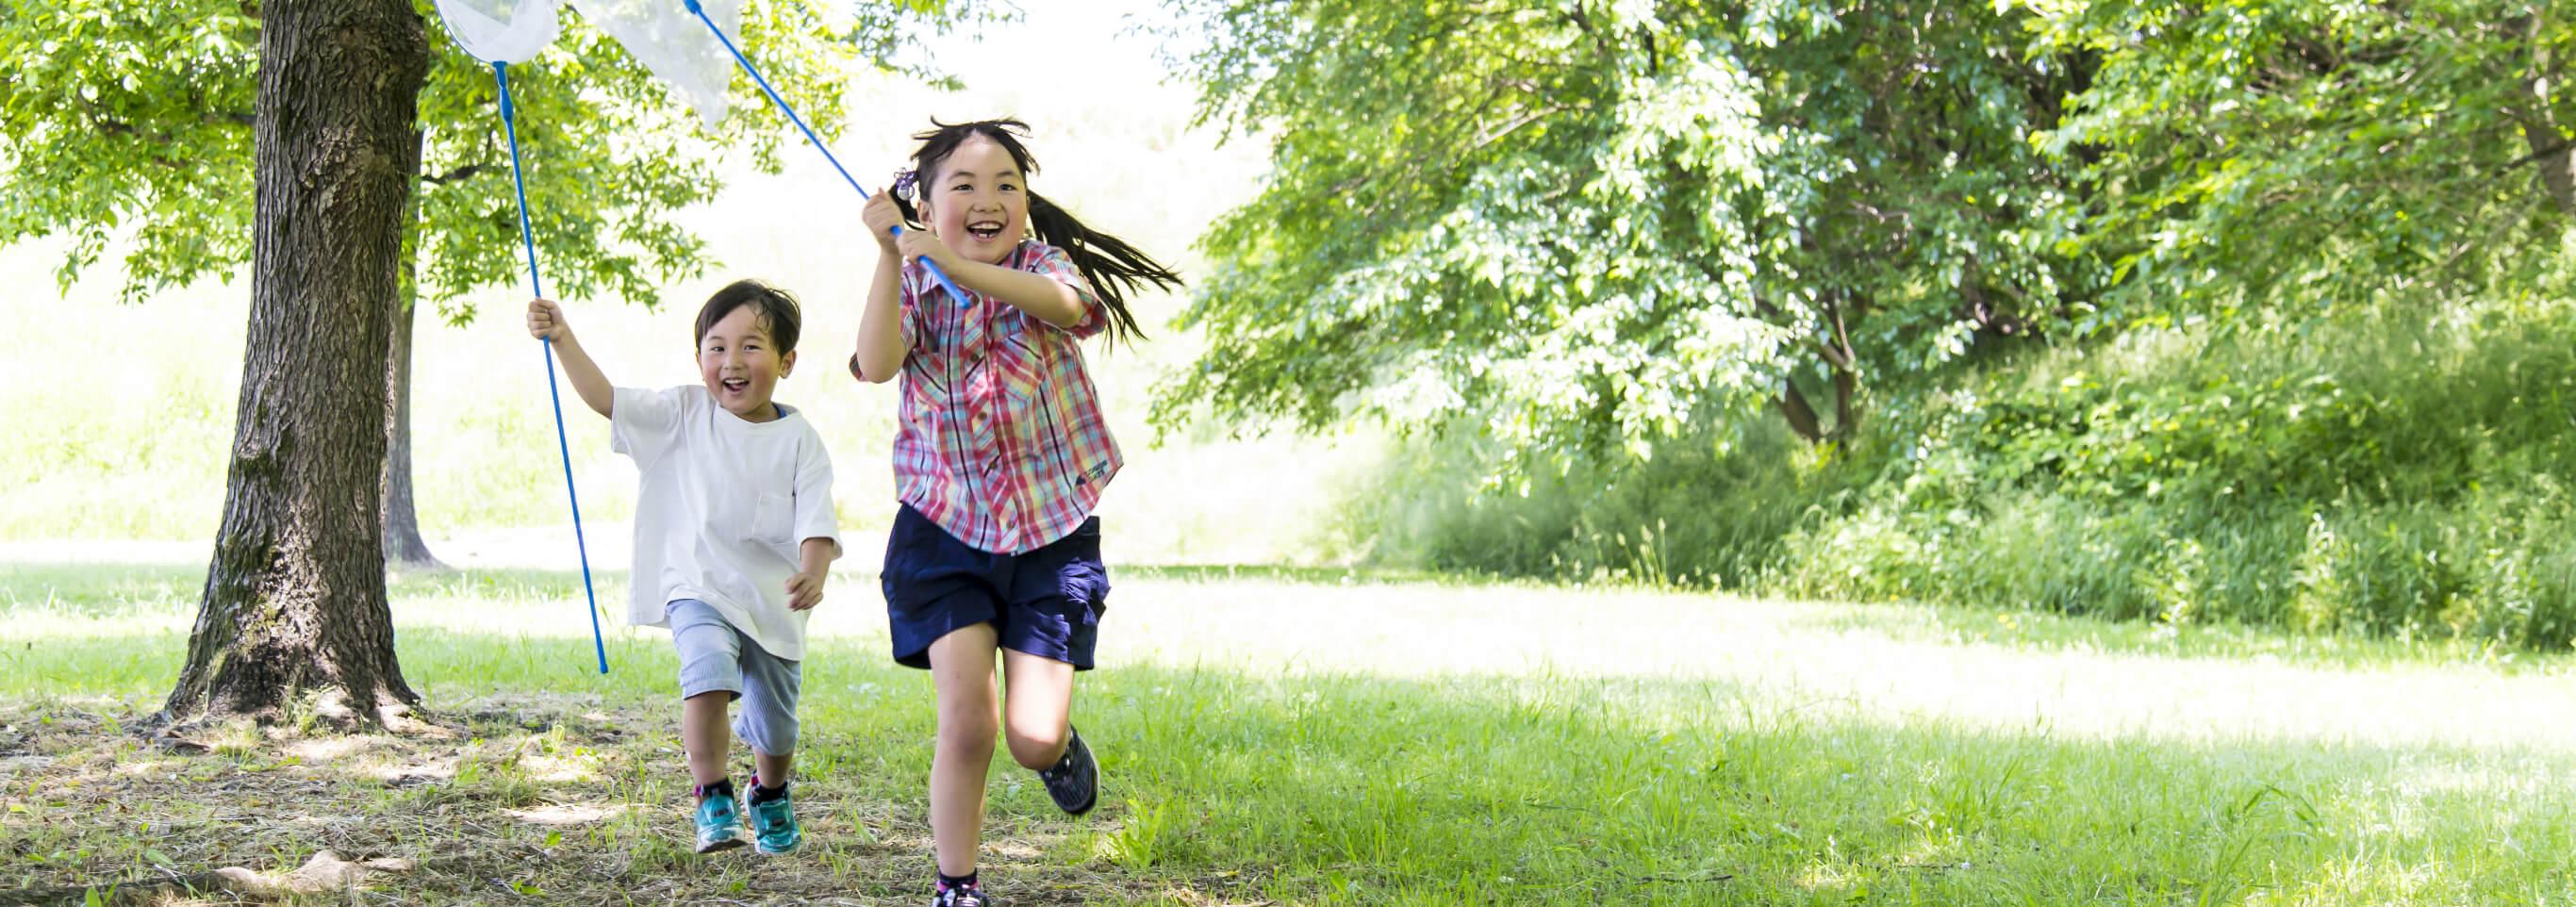 緑の多い公園で子供2人が遊んでいる画像